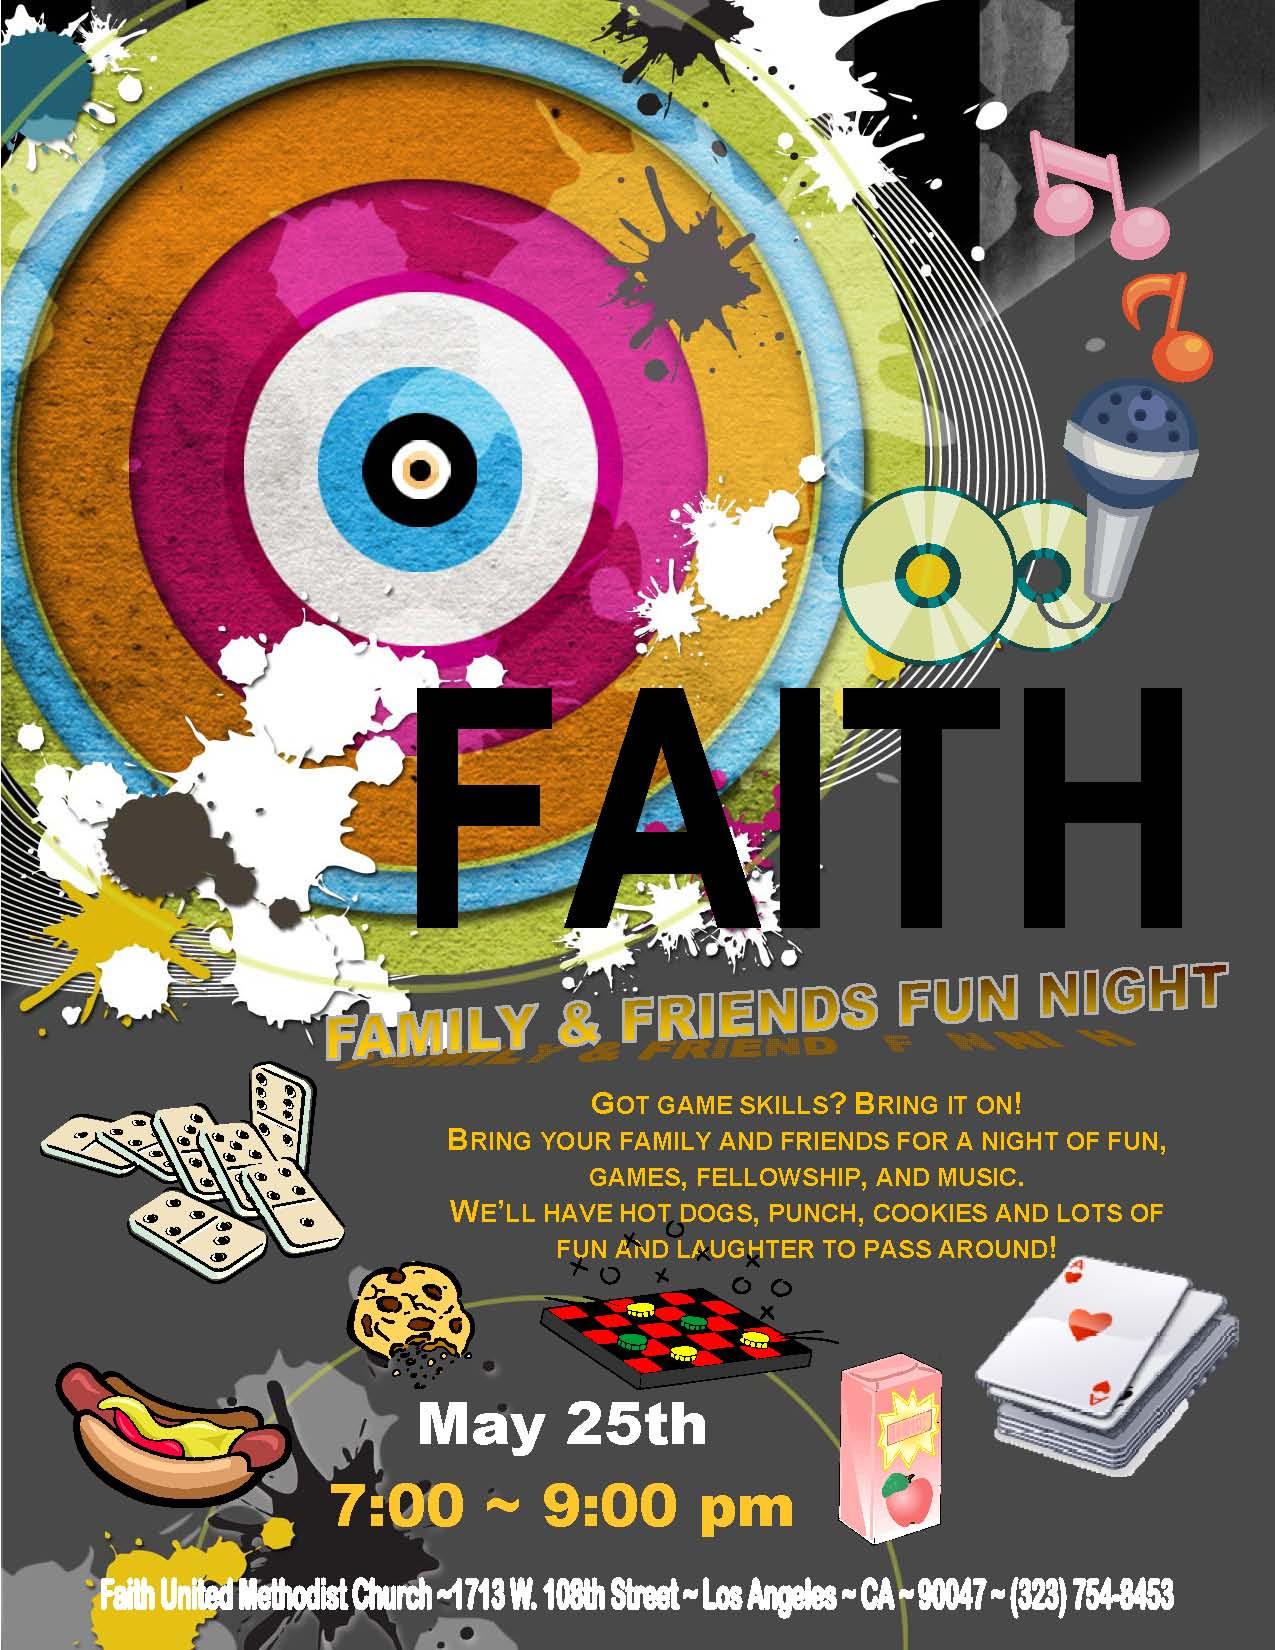 FaithFamilyFunNight052512_Page_1